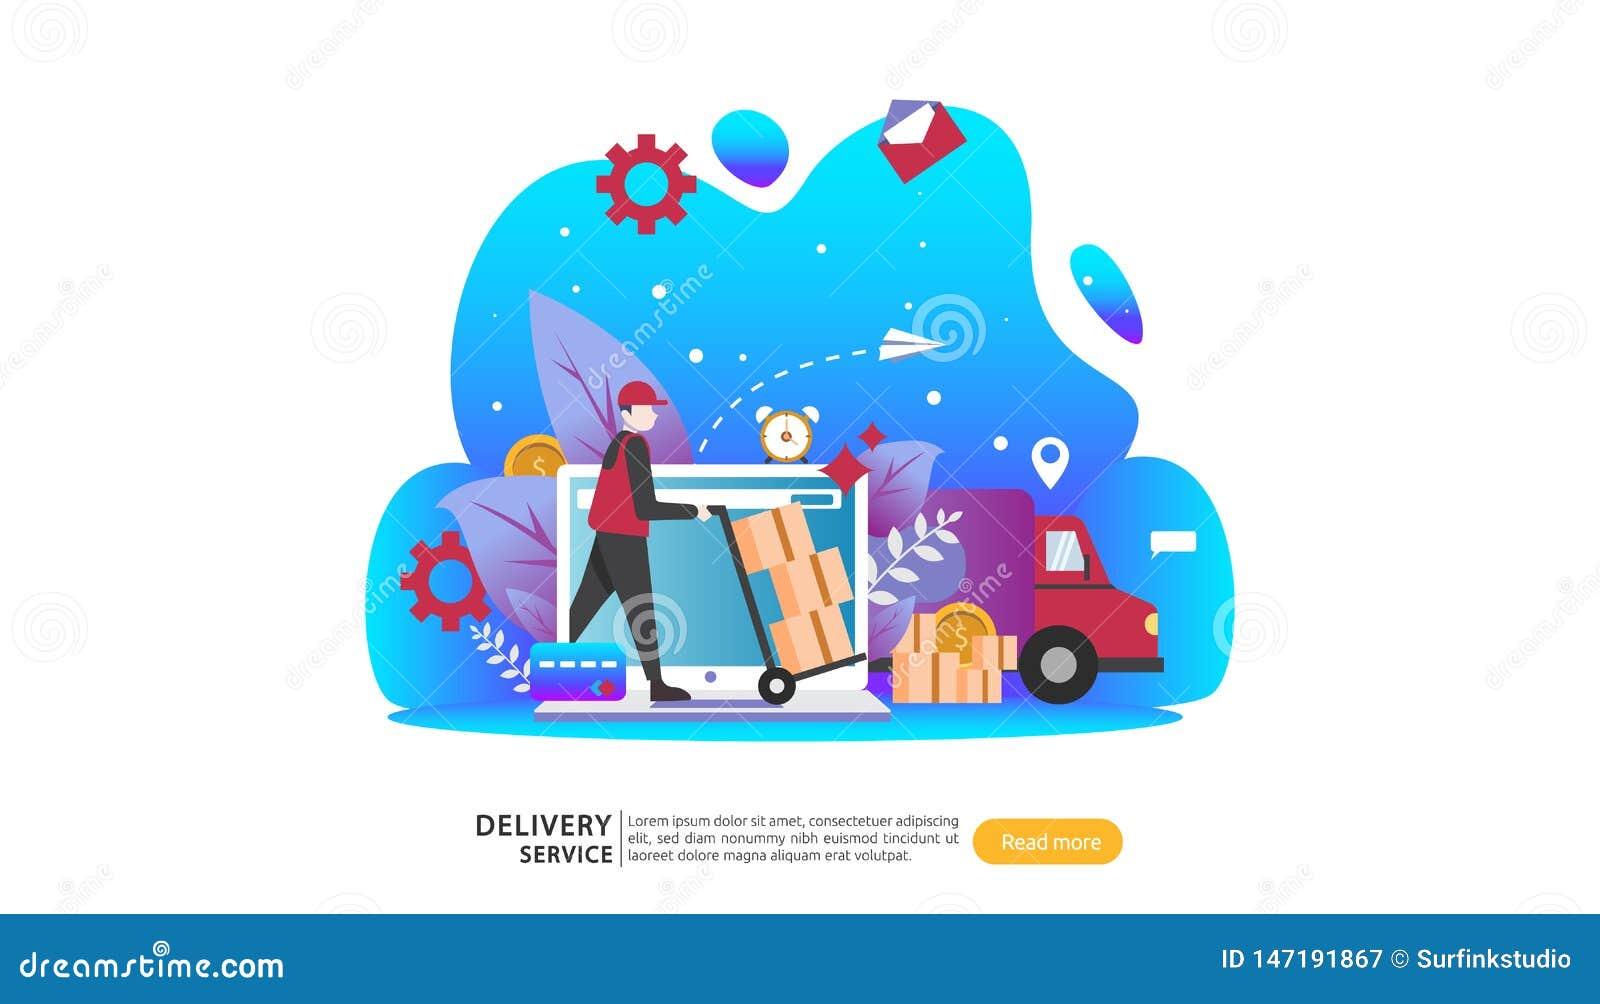 Σε απευθείας σύνδεση υπηρεσία παράδοσης σαφής έννοια καταδίωξης διαταγής με το μικροσκοπικό φορτηγό πεδίων χαρακτήρα και φορτίου